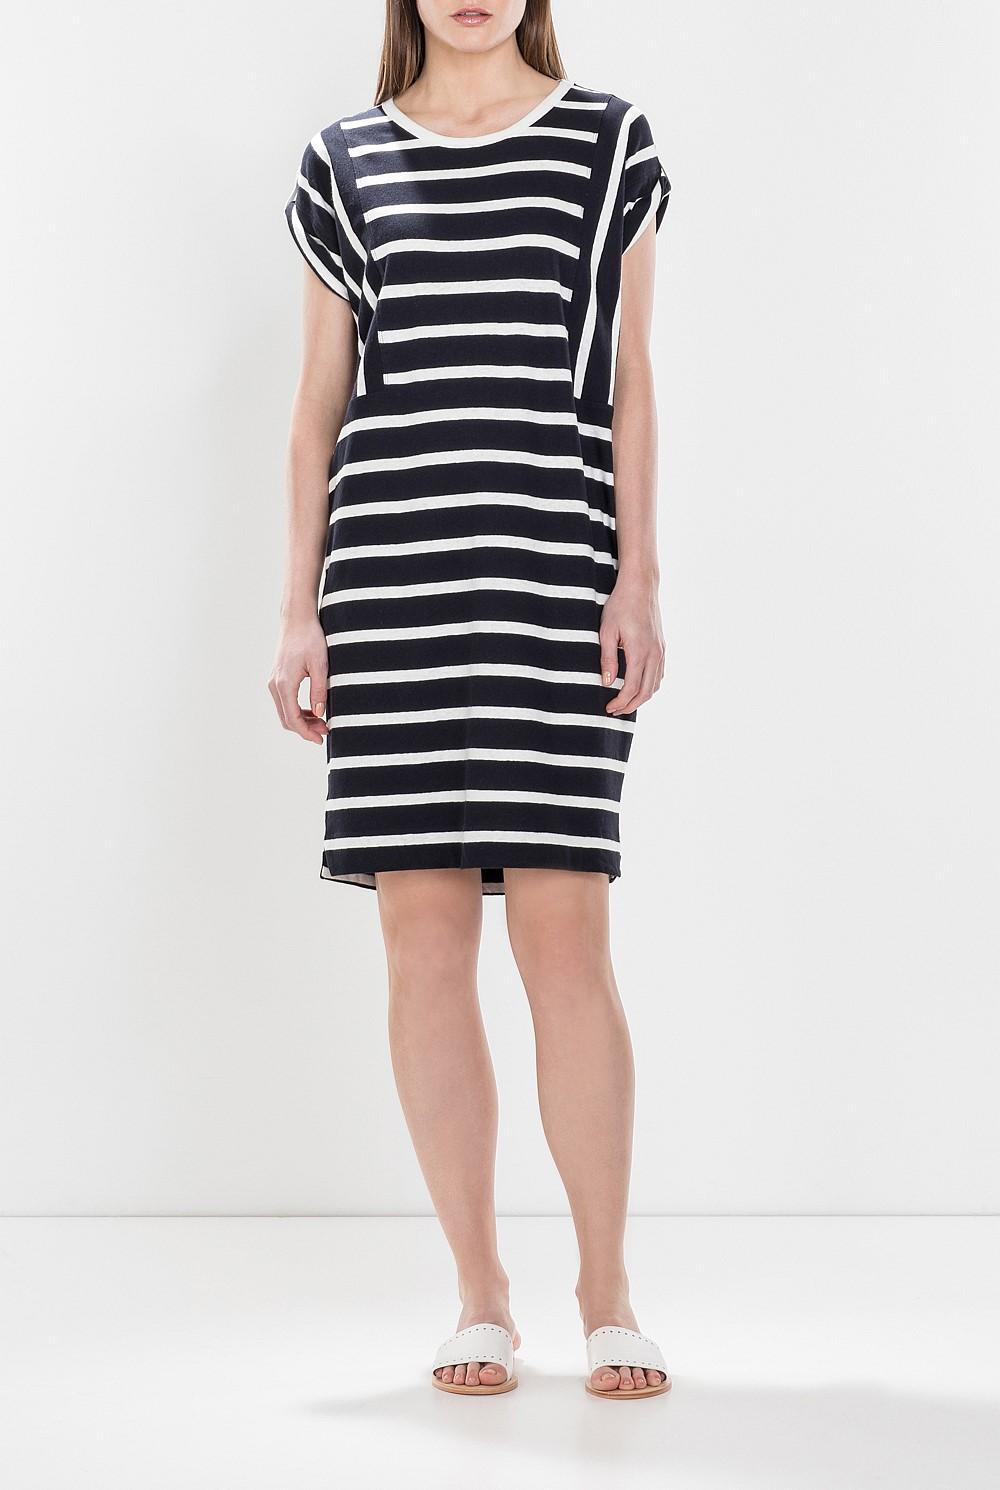 7d8a67295a Linen Cotton Striped T-Shirt Dress